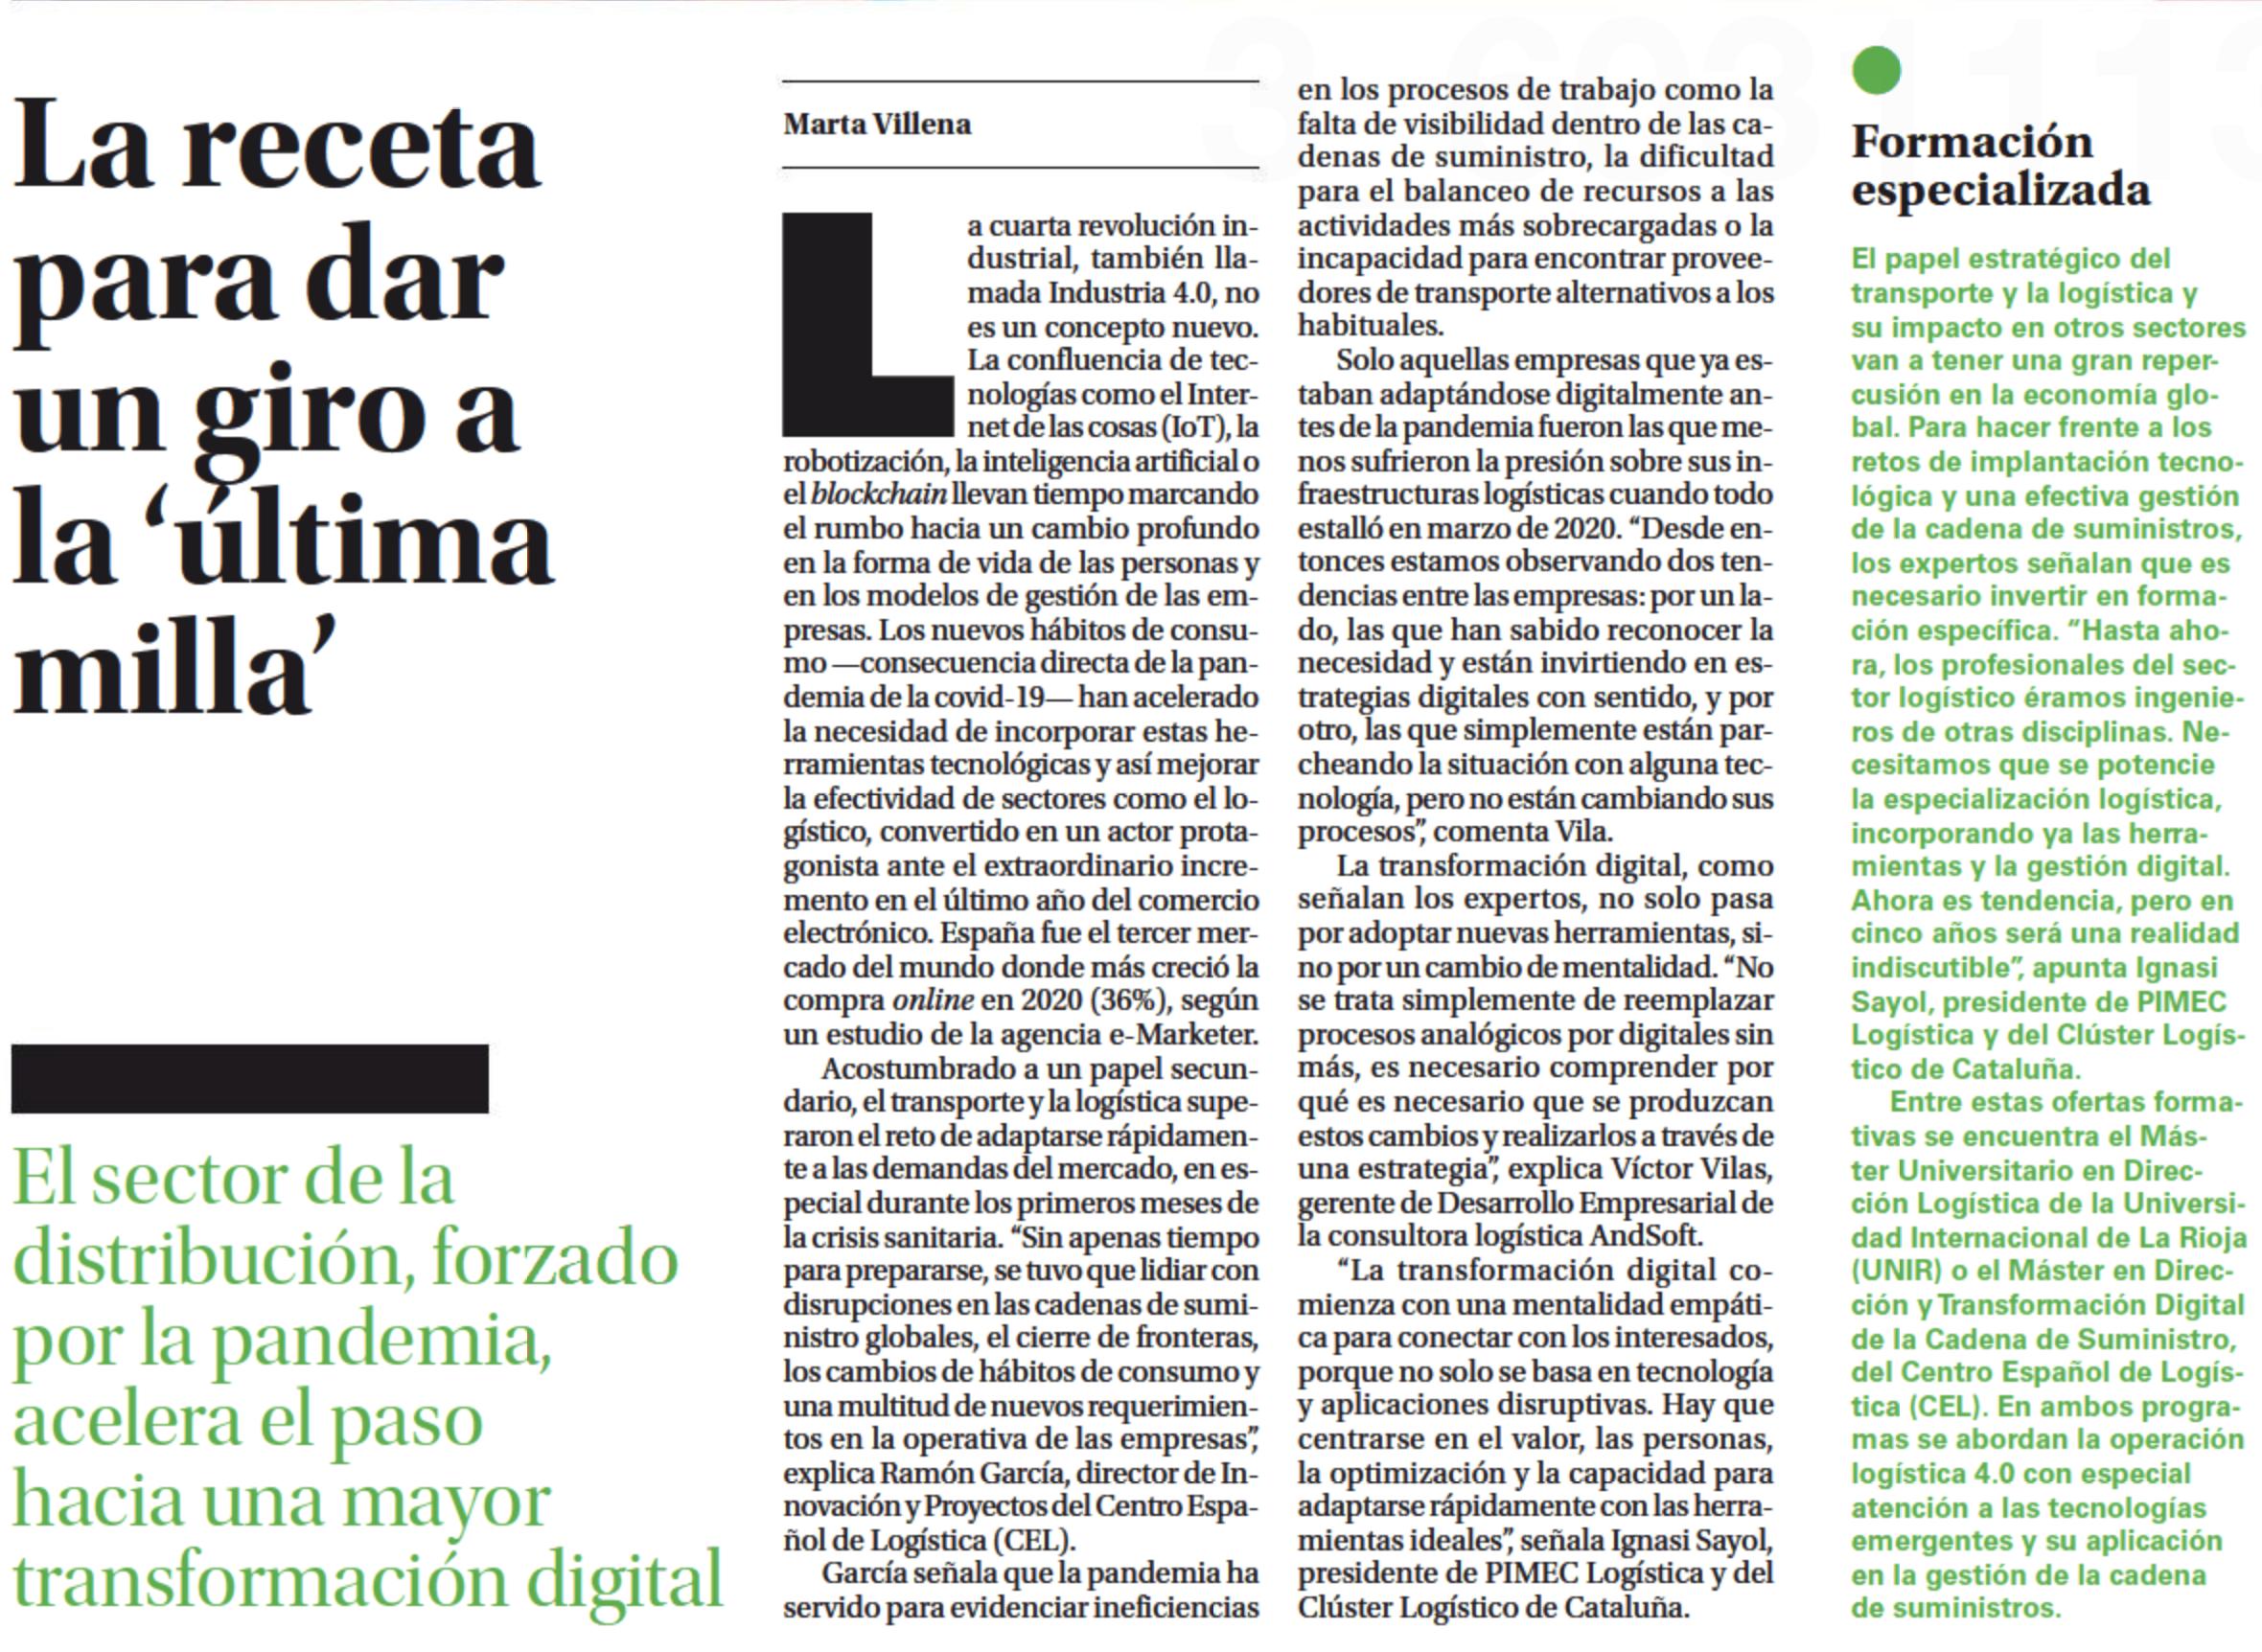 Participación en reportaje del periódico El País sobre la transformación digital del sector logístico